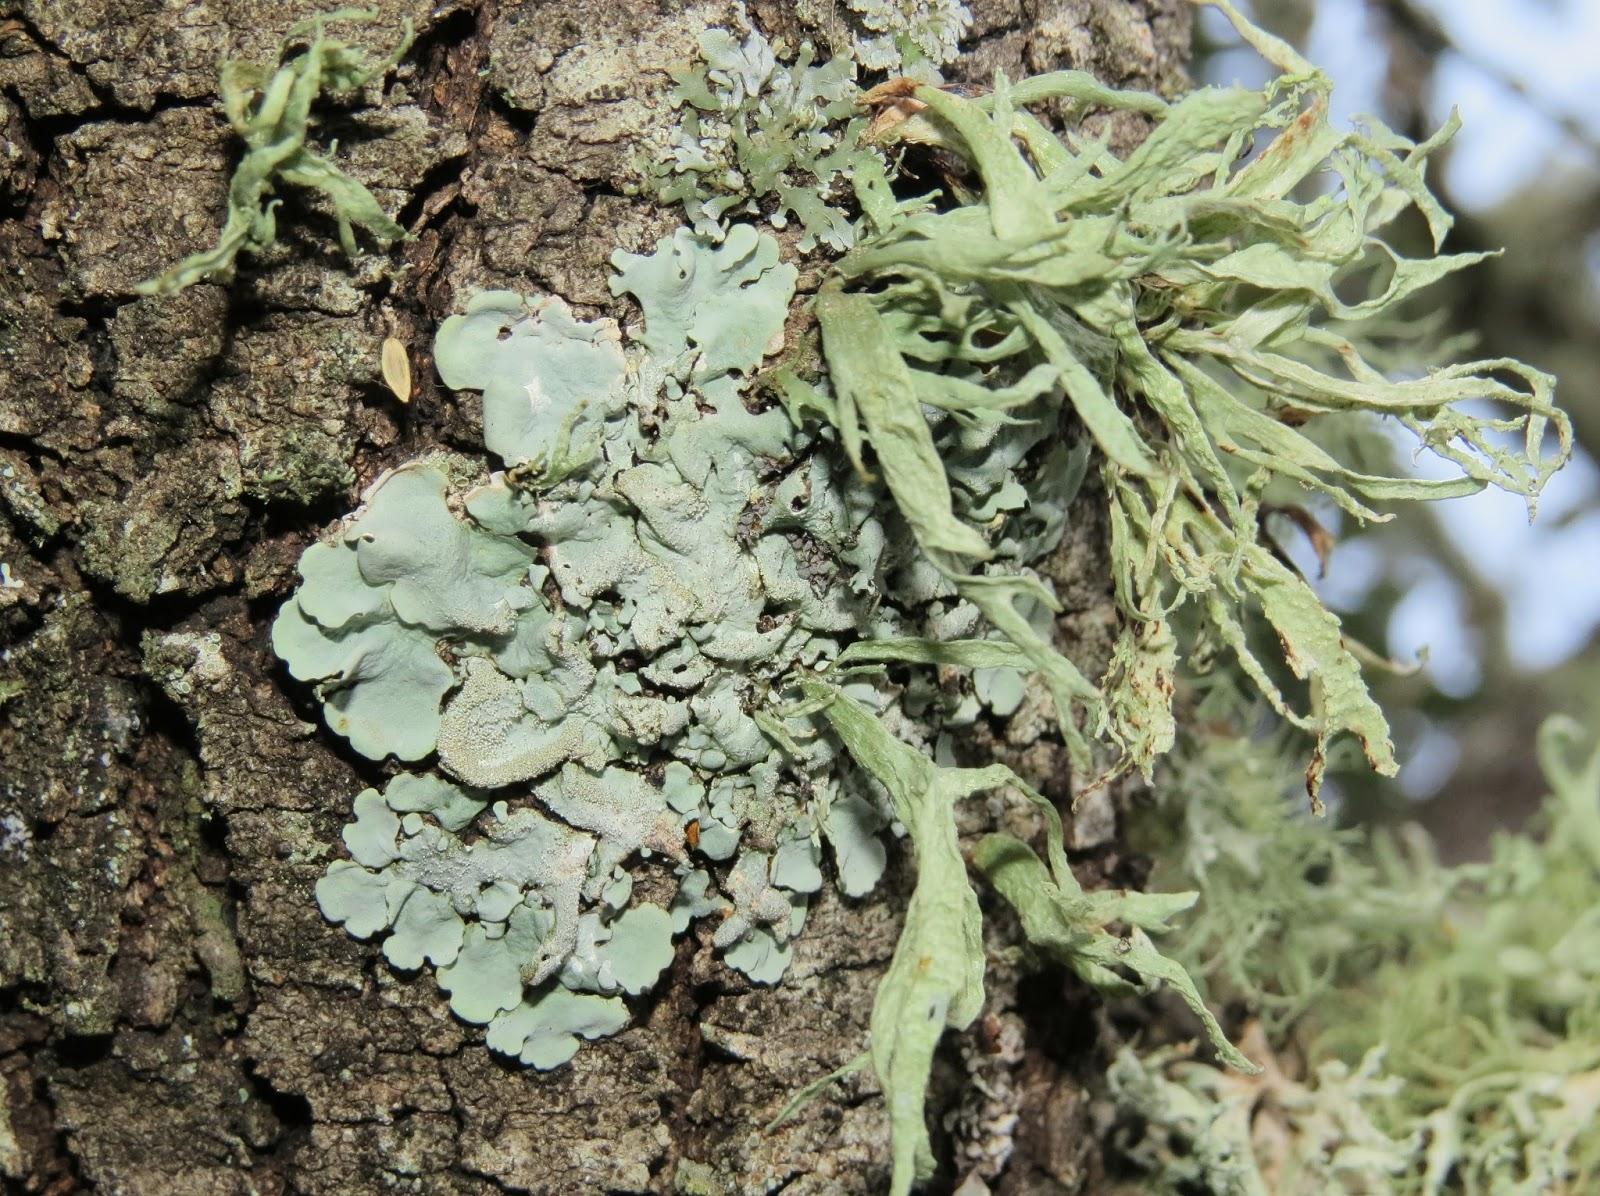 Cernicalo primilla reproduccion asexual de las plantas